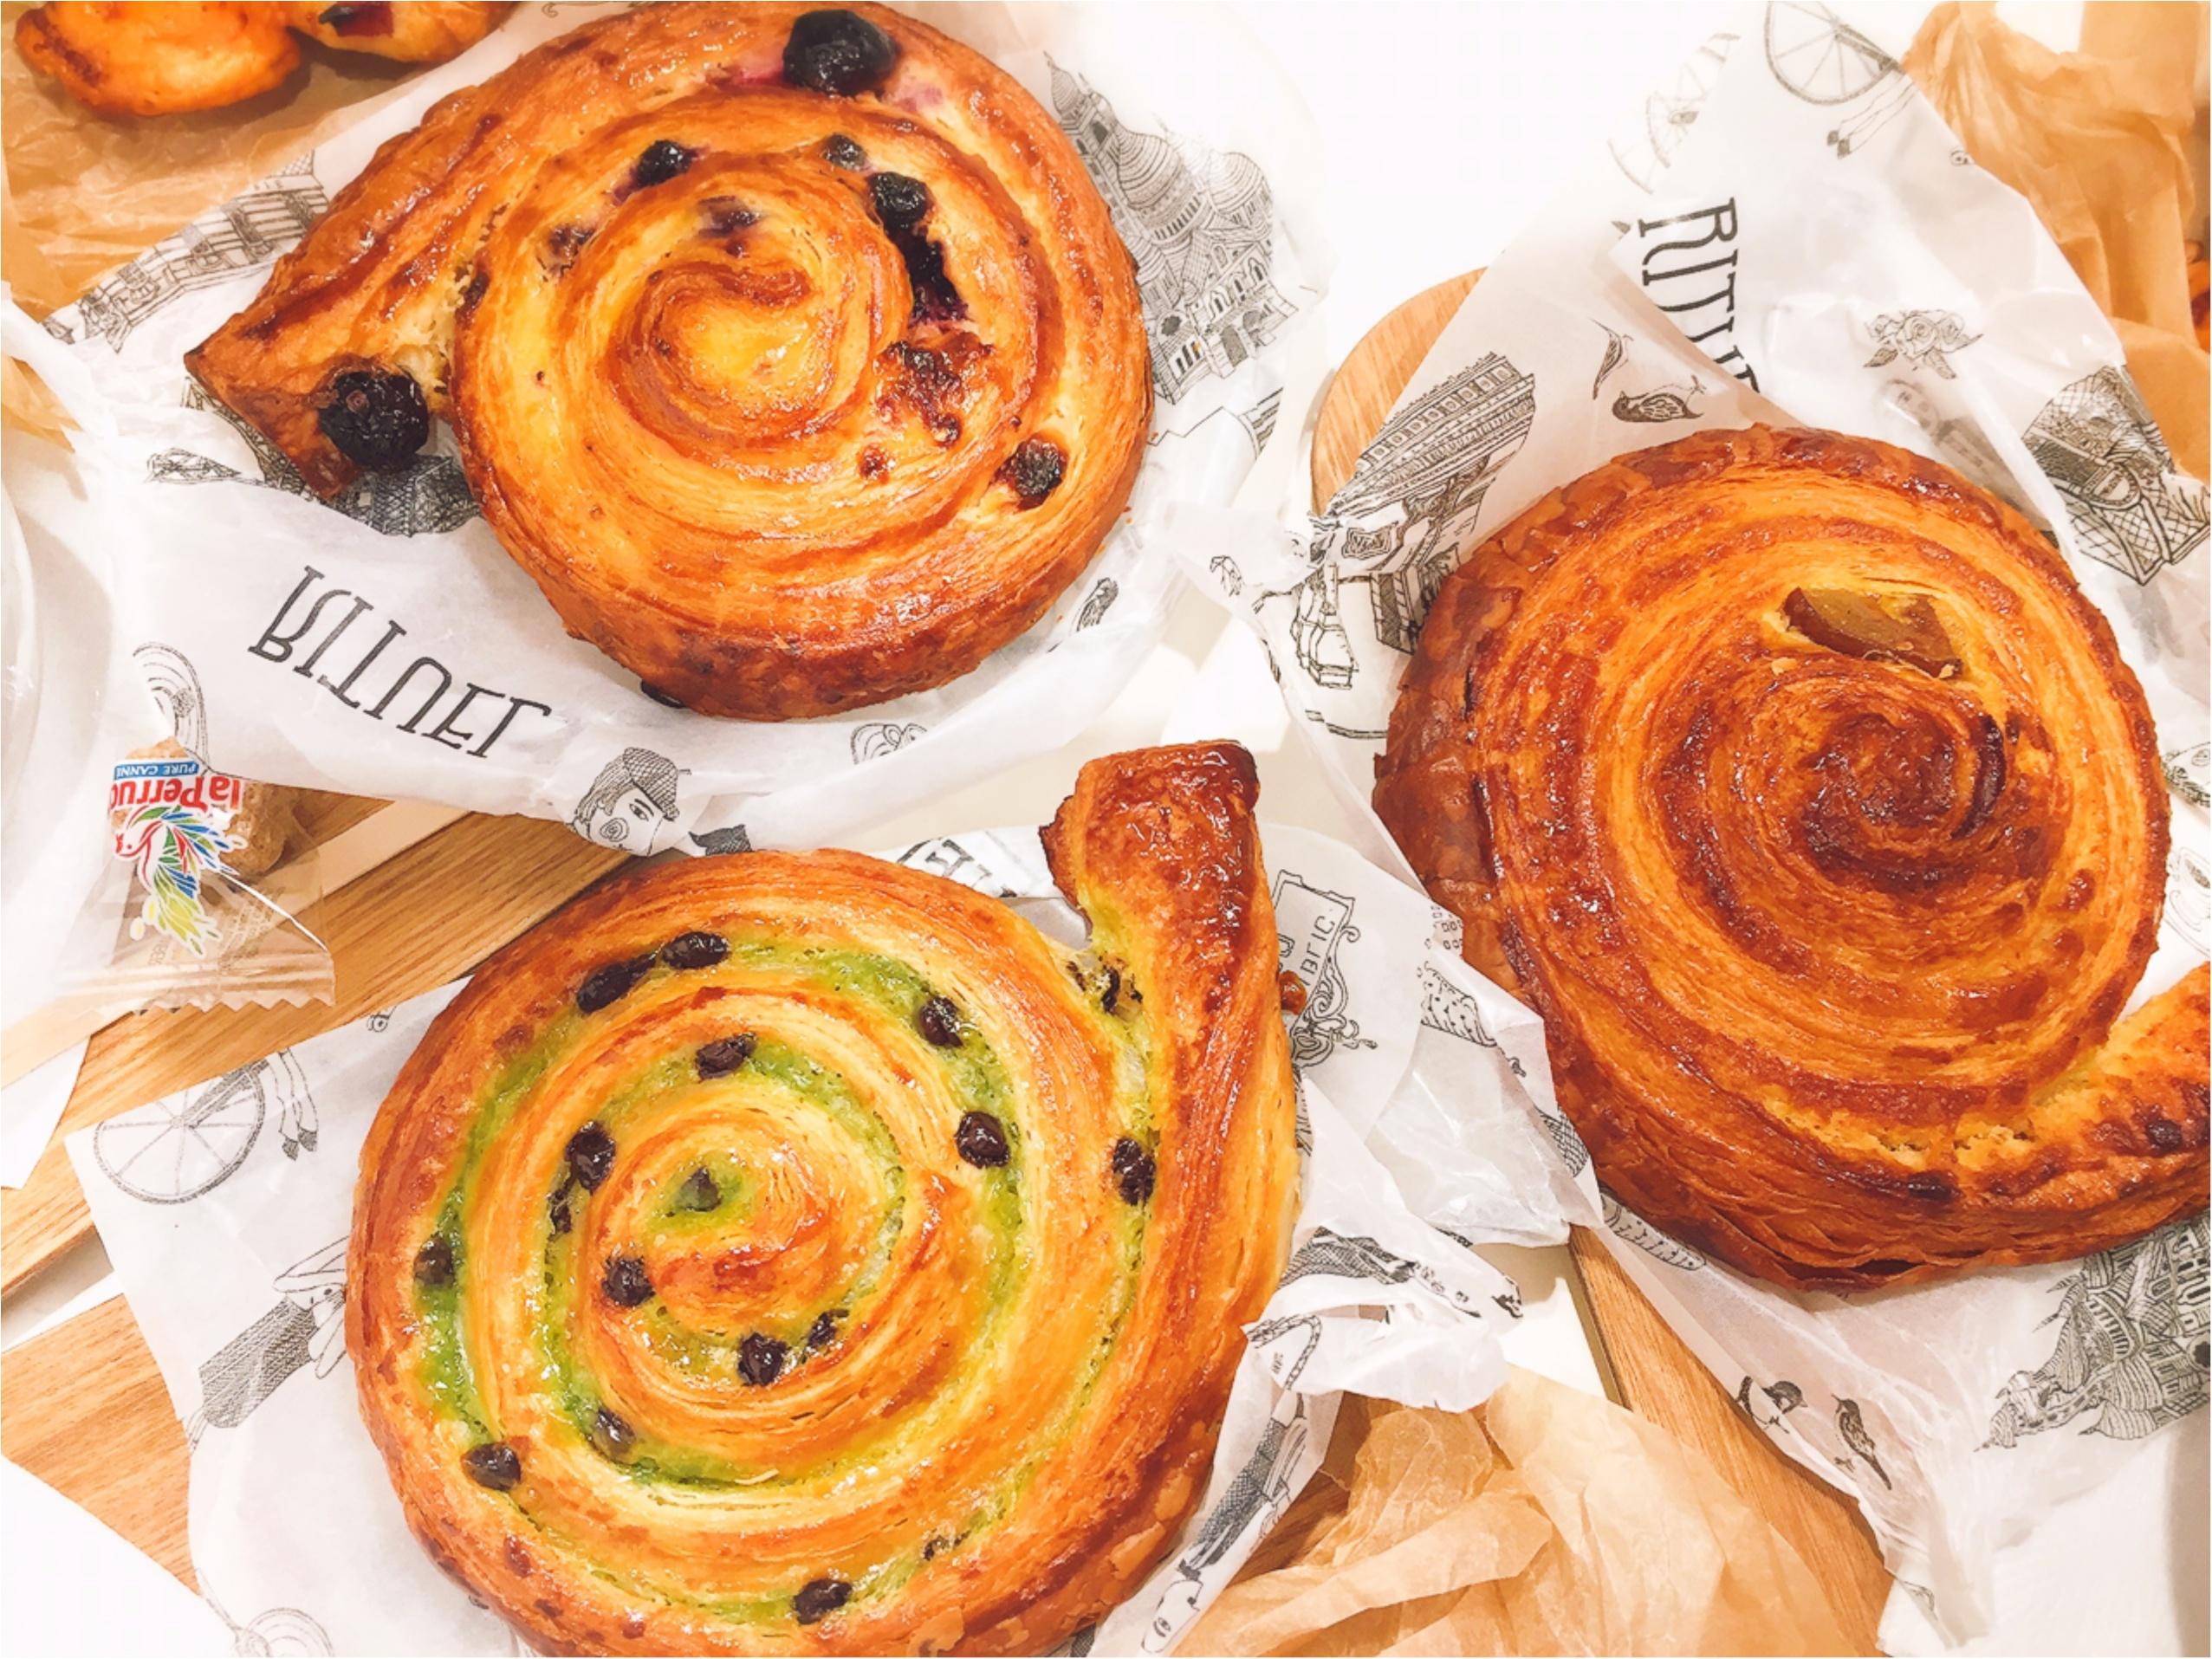 東京の美味しいパン屋巡り〜RITUEL〜_1